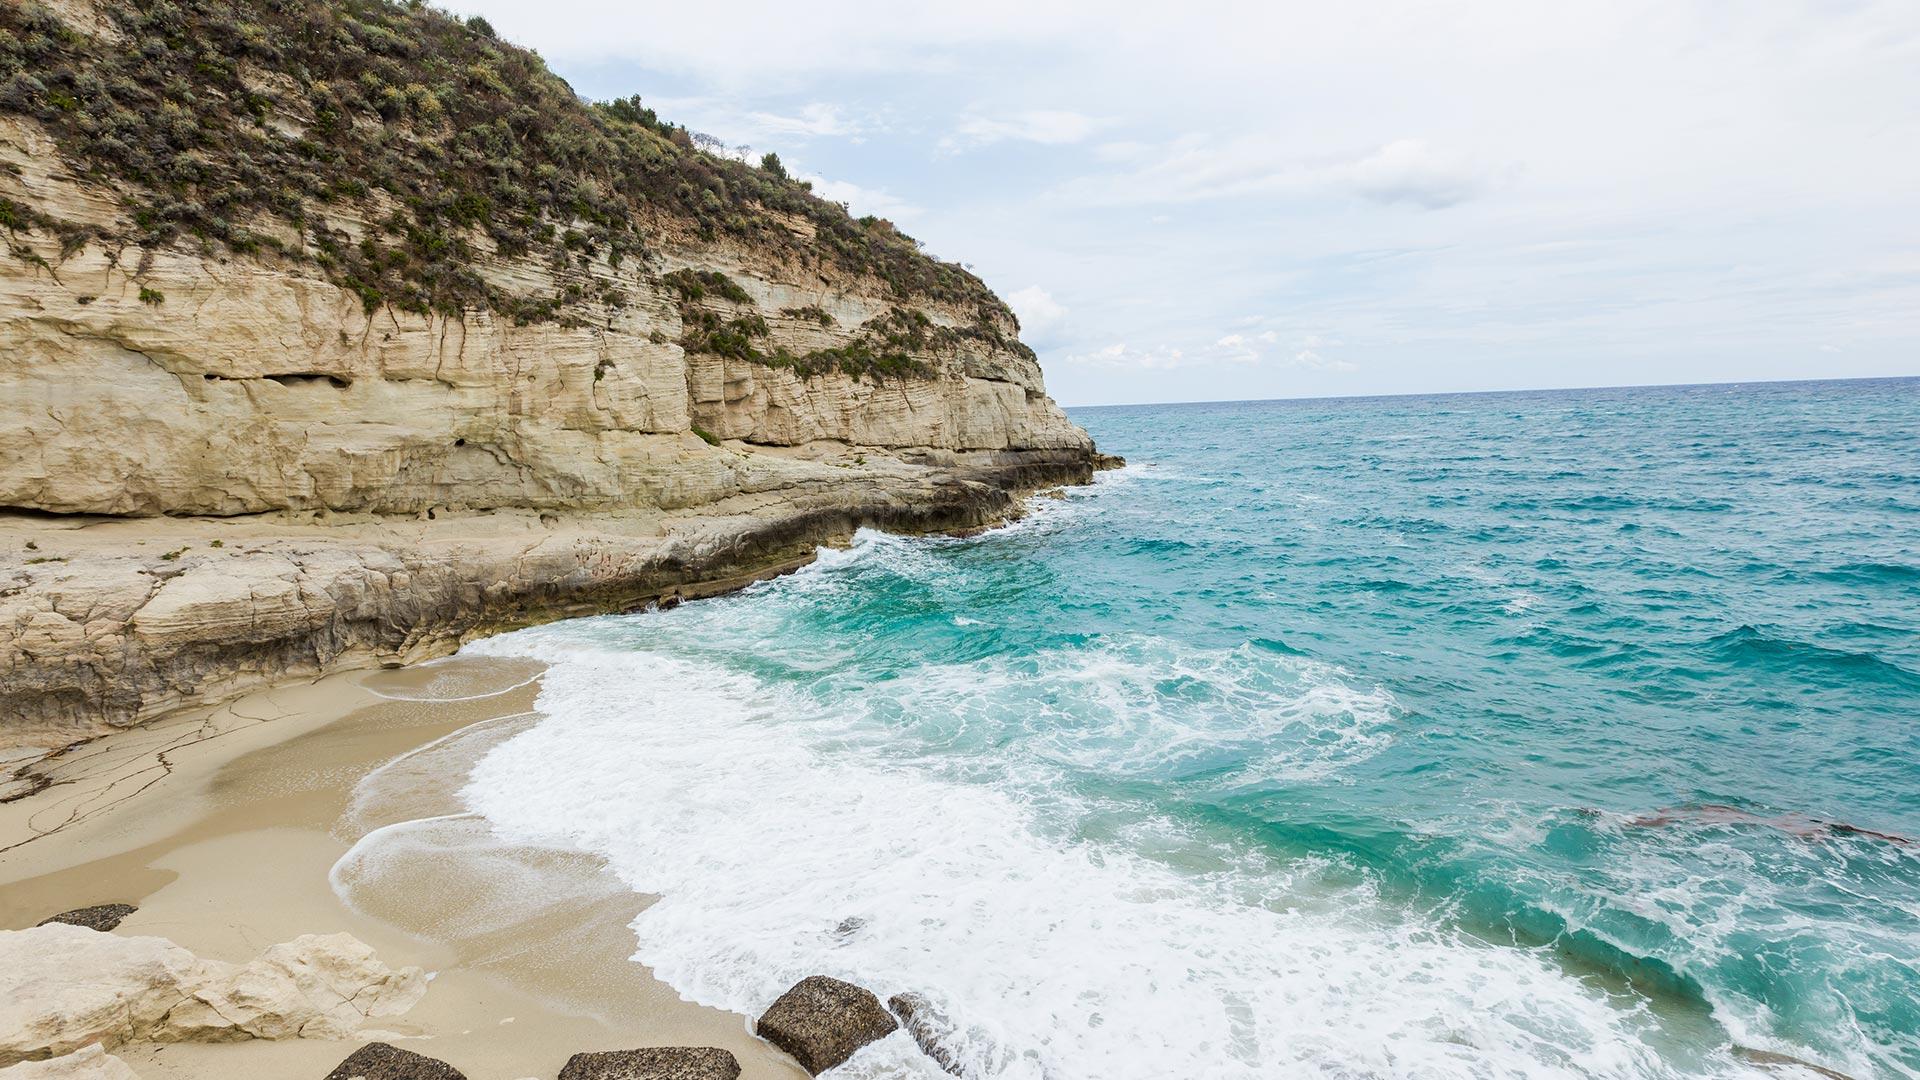 Mediterráneo - FOTOS y VÍDEOS 360 para descargar - Descargas360